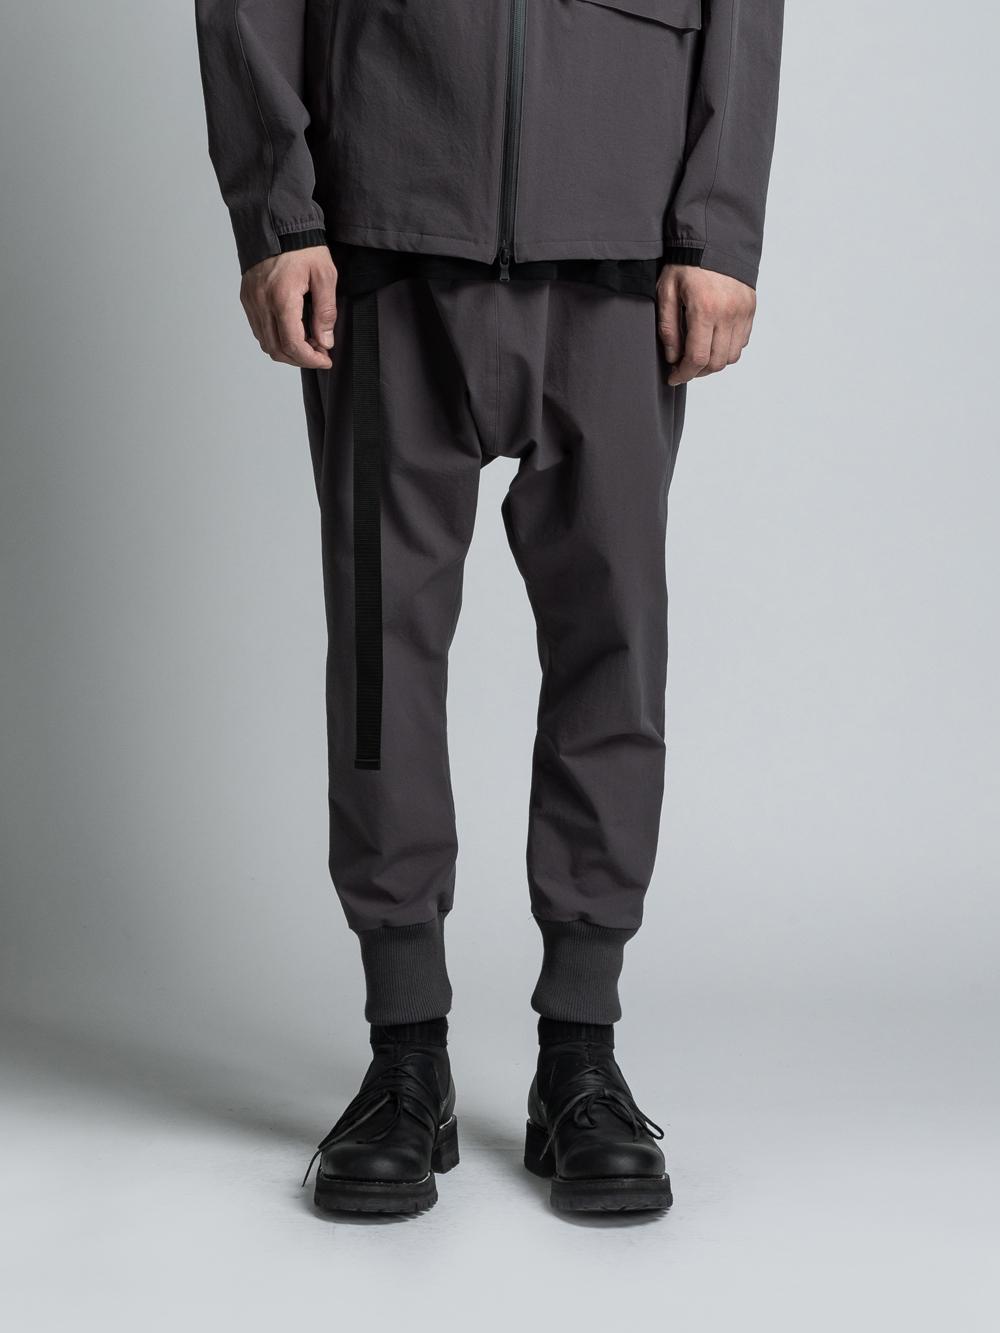 VI-3185-04 / 撥水 ストレッチクロス 裾リブパンツ